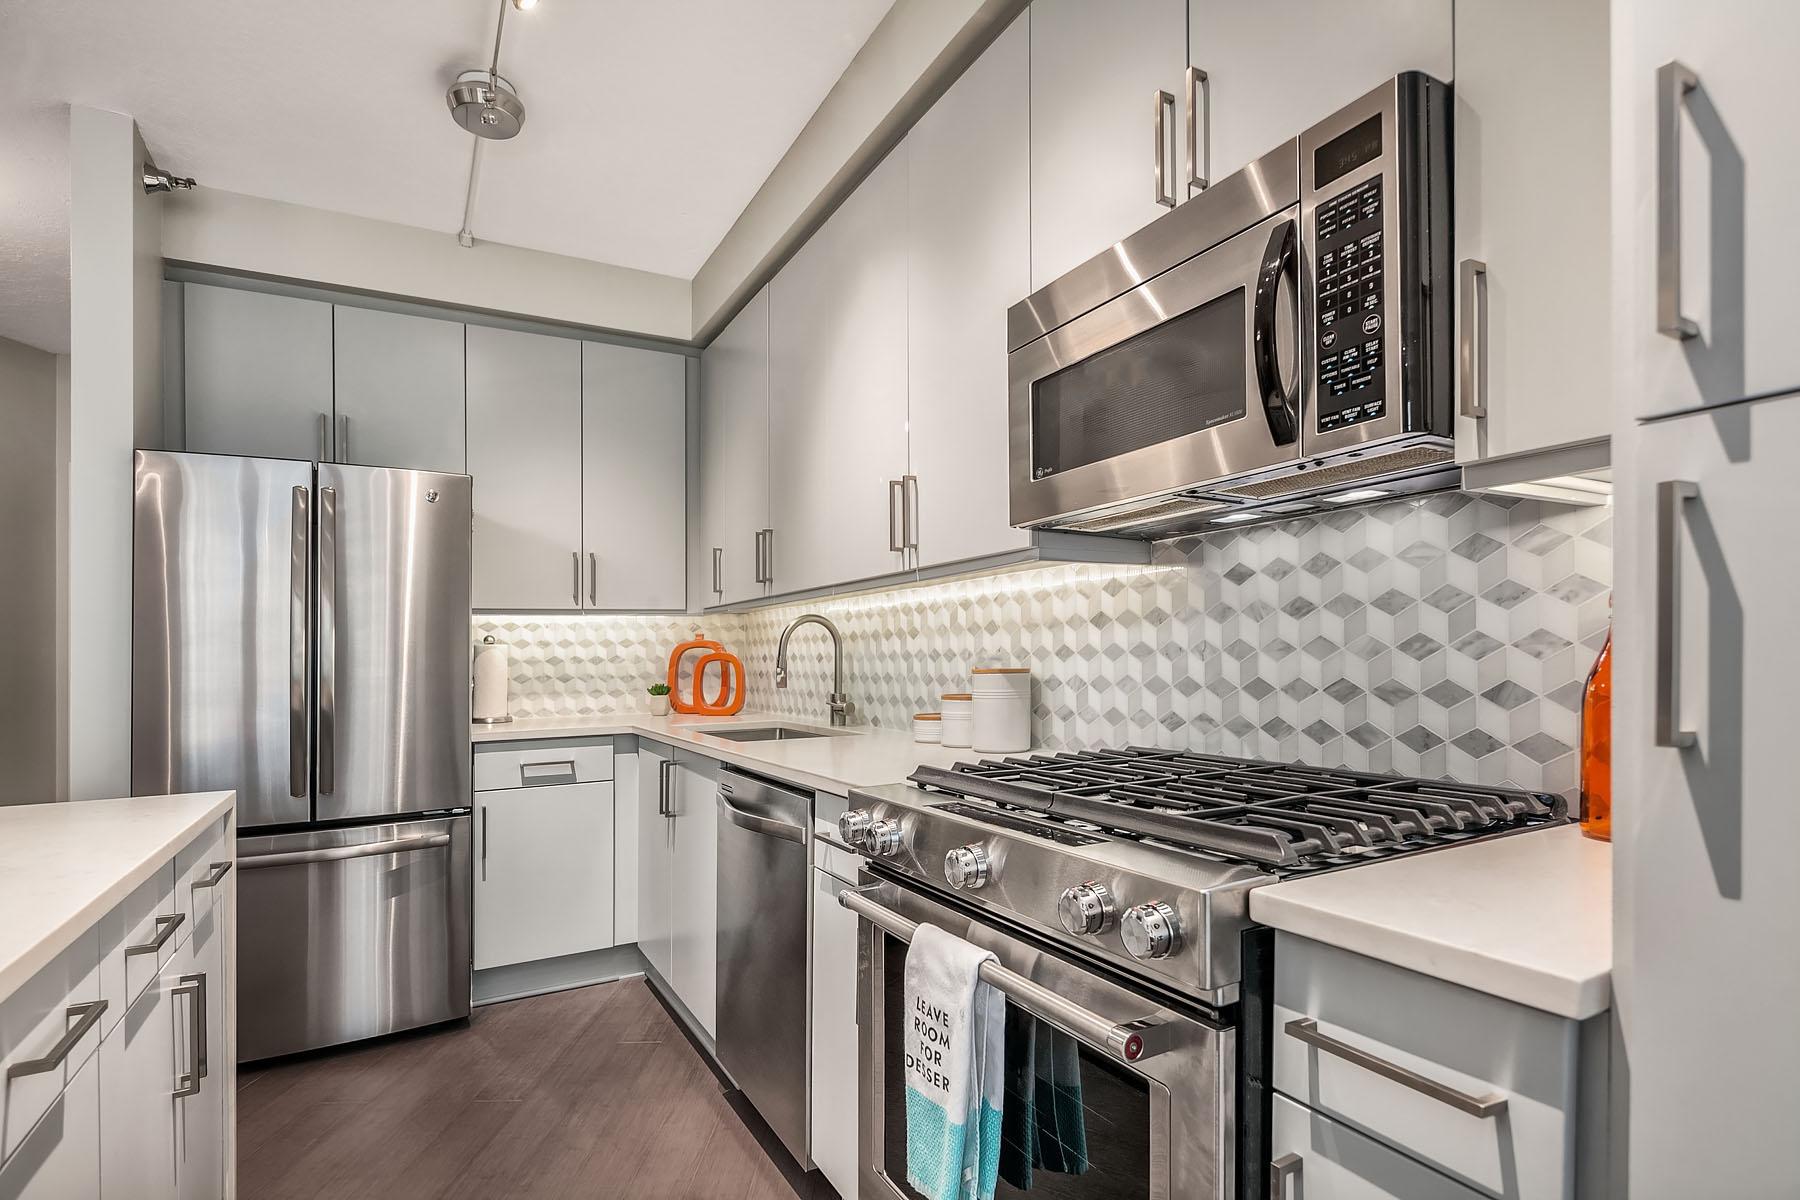 Kitchen Design Chicago Interior Design Services Habitar Design